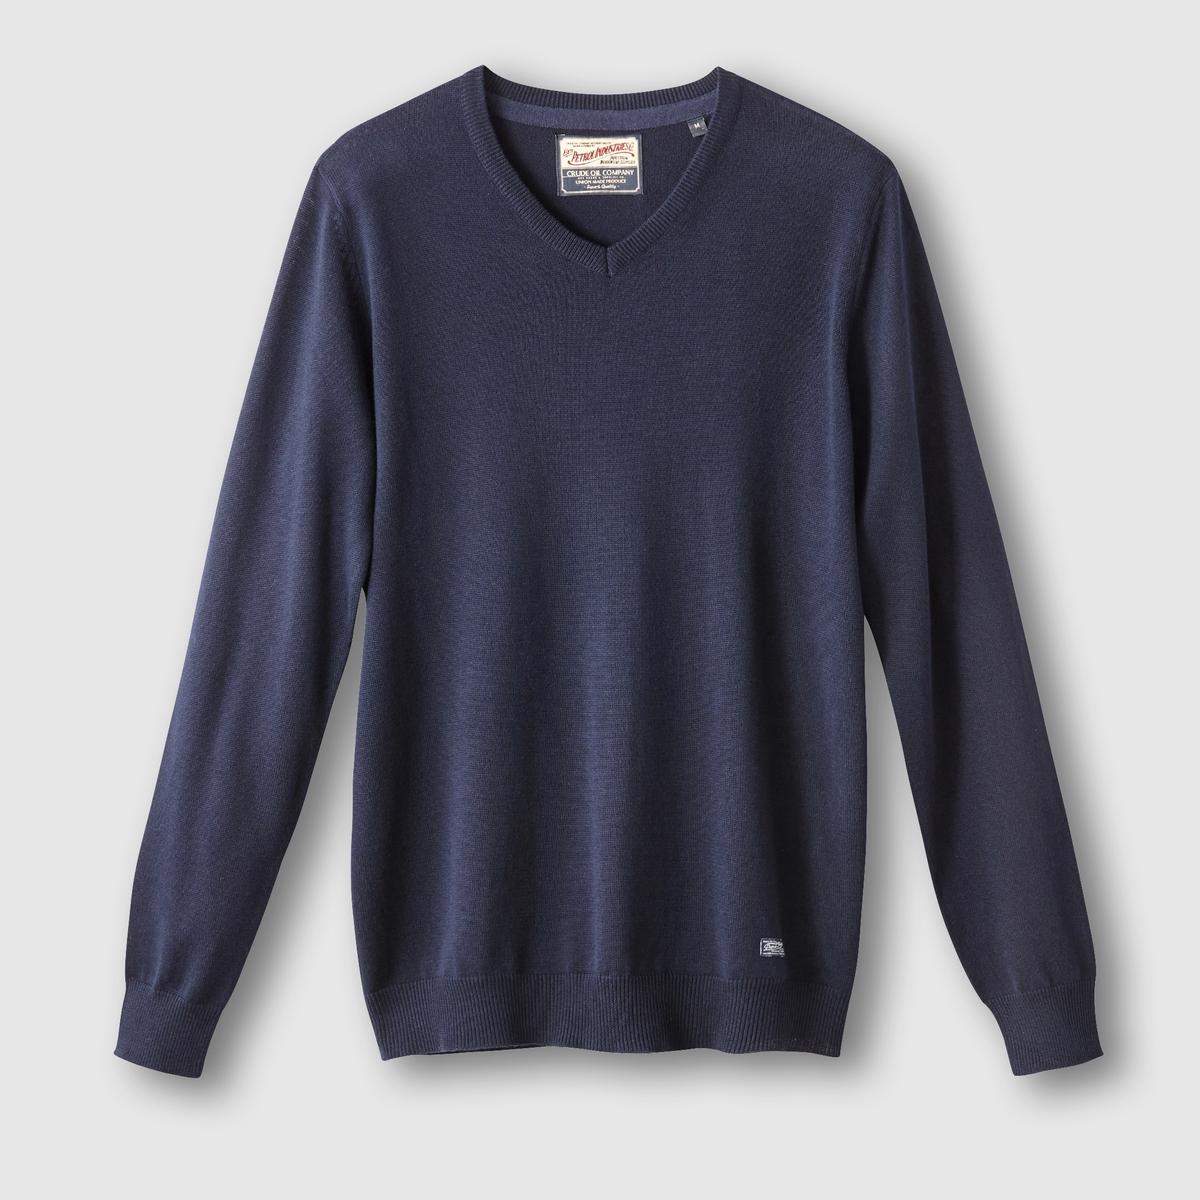 Пуловер с V-образным вырезомСостав и описание:Материал: 50% акрила, 50% хлопка.Марка: PETROL INDUSTRIES.<br><br>Цвет: каштановый меланж,черный